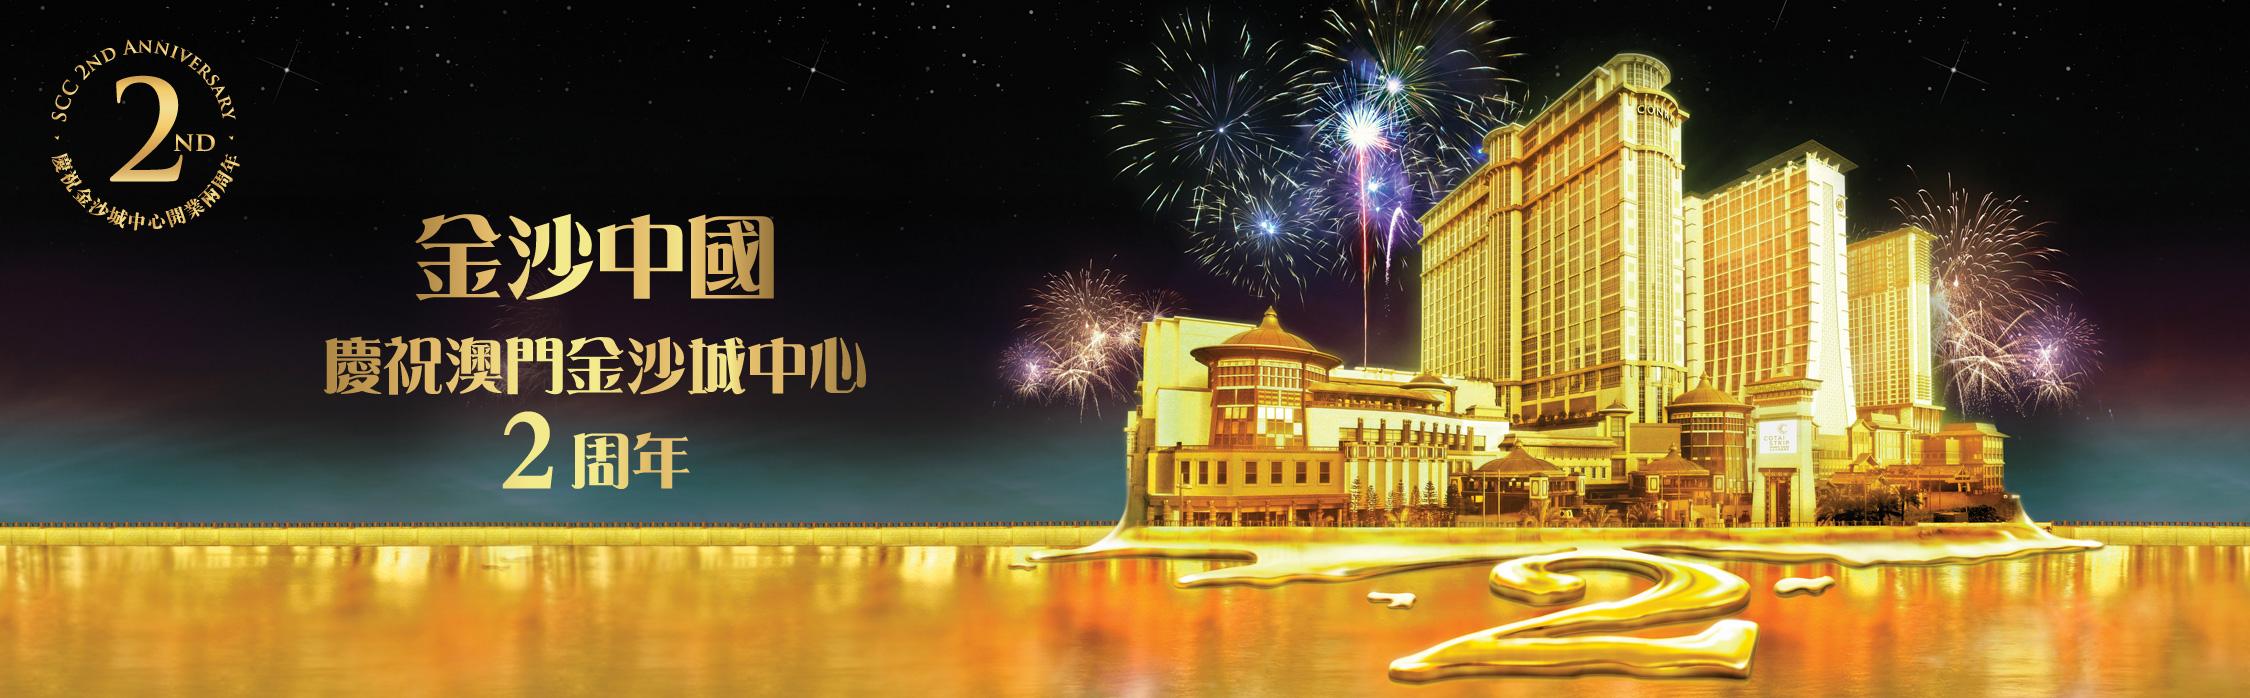 金沙中國慶祝澳門金沙城中心2周年